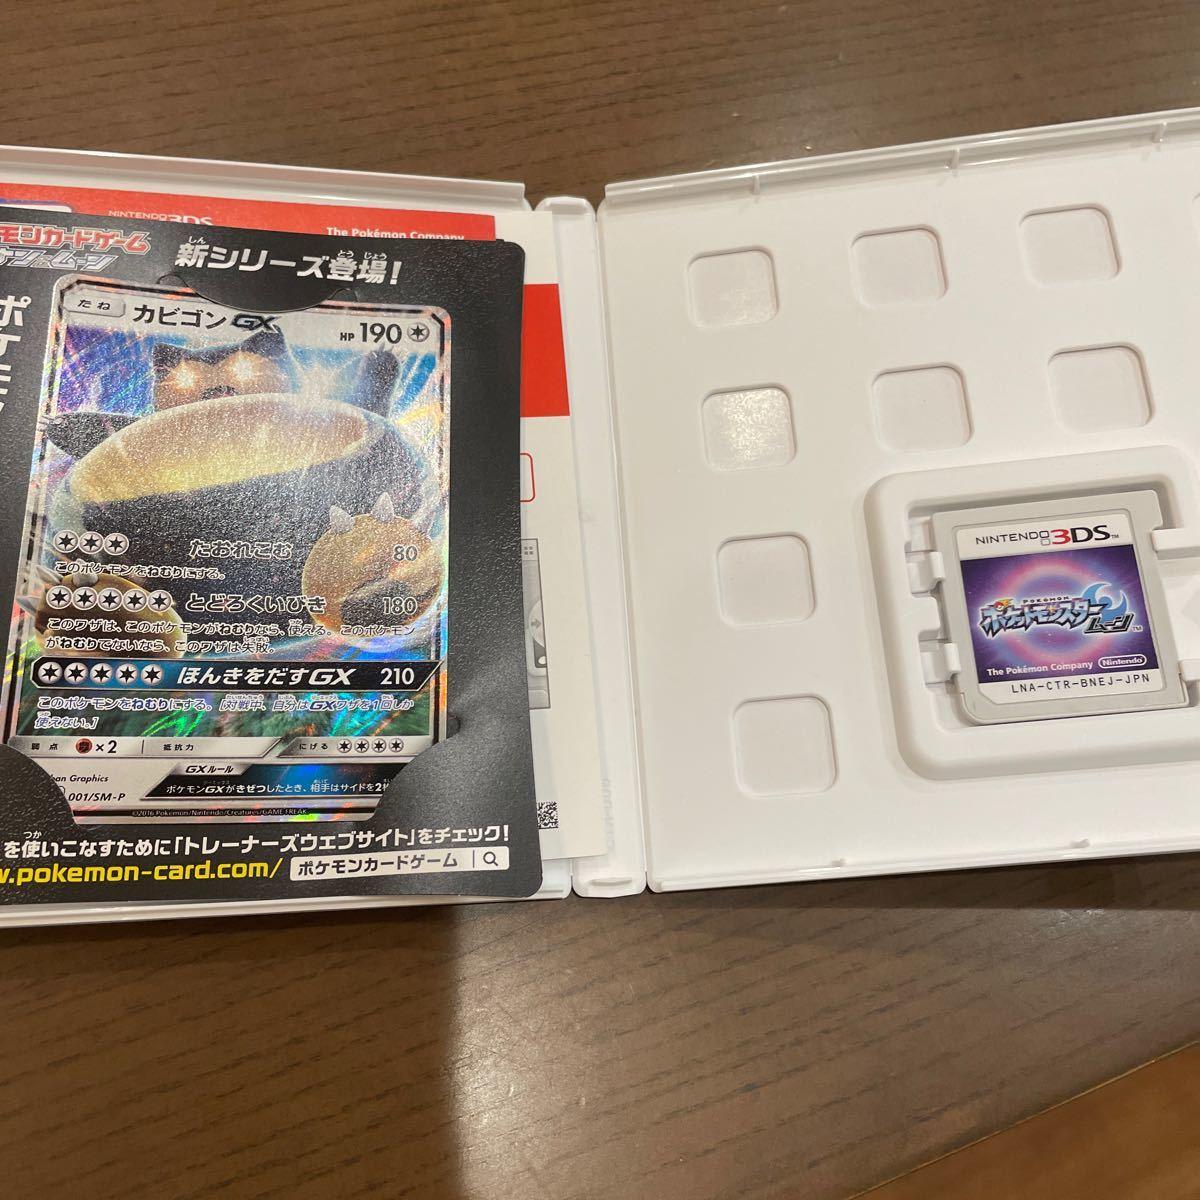 ポケットモンスタームーン ポケモン 3DSソフト 3DS ポケットモンスター 任天堂3DS カビゴンカード付き